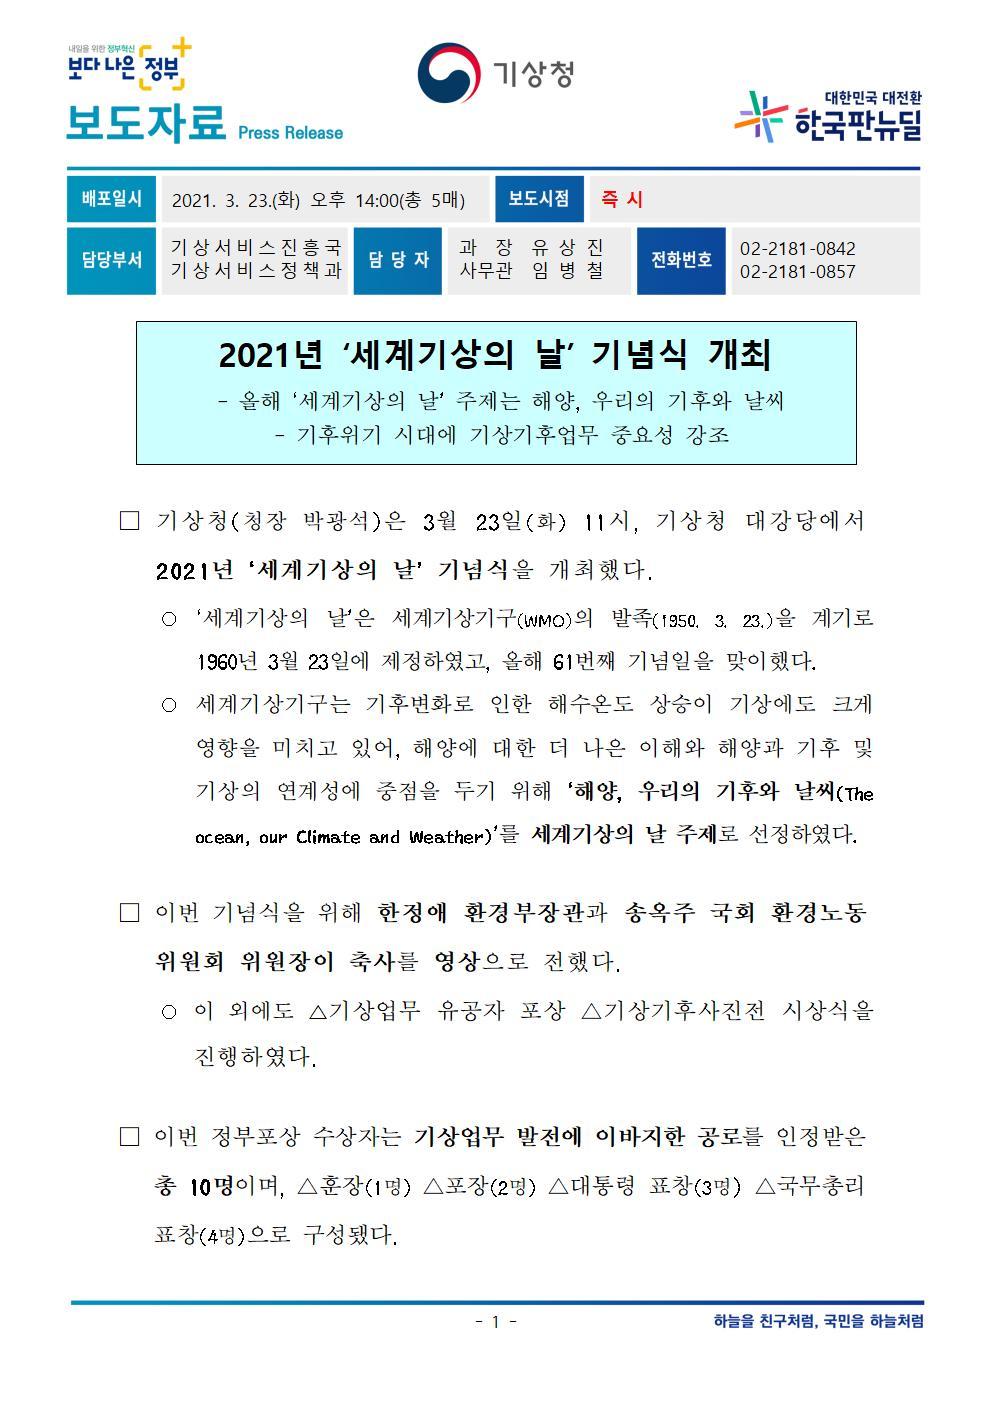 2021년 '세계기상의 날' 기념식 개최